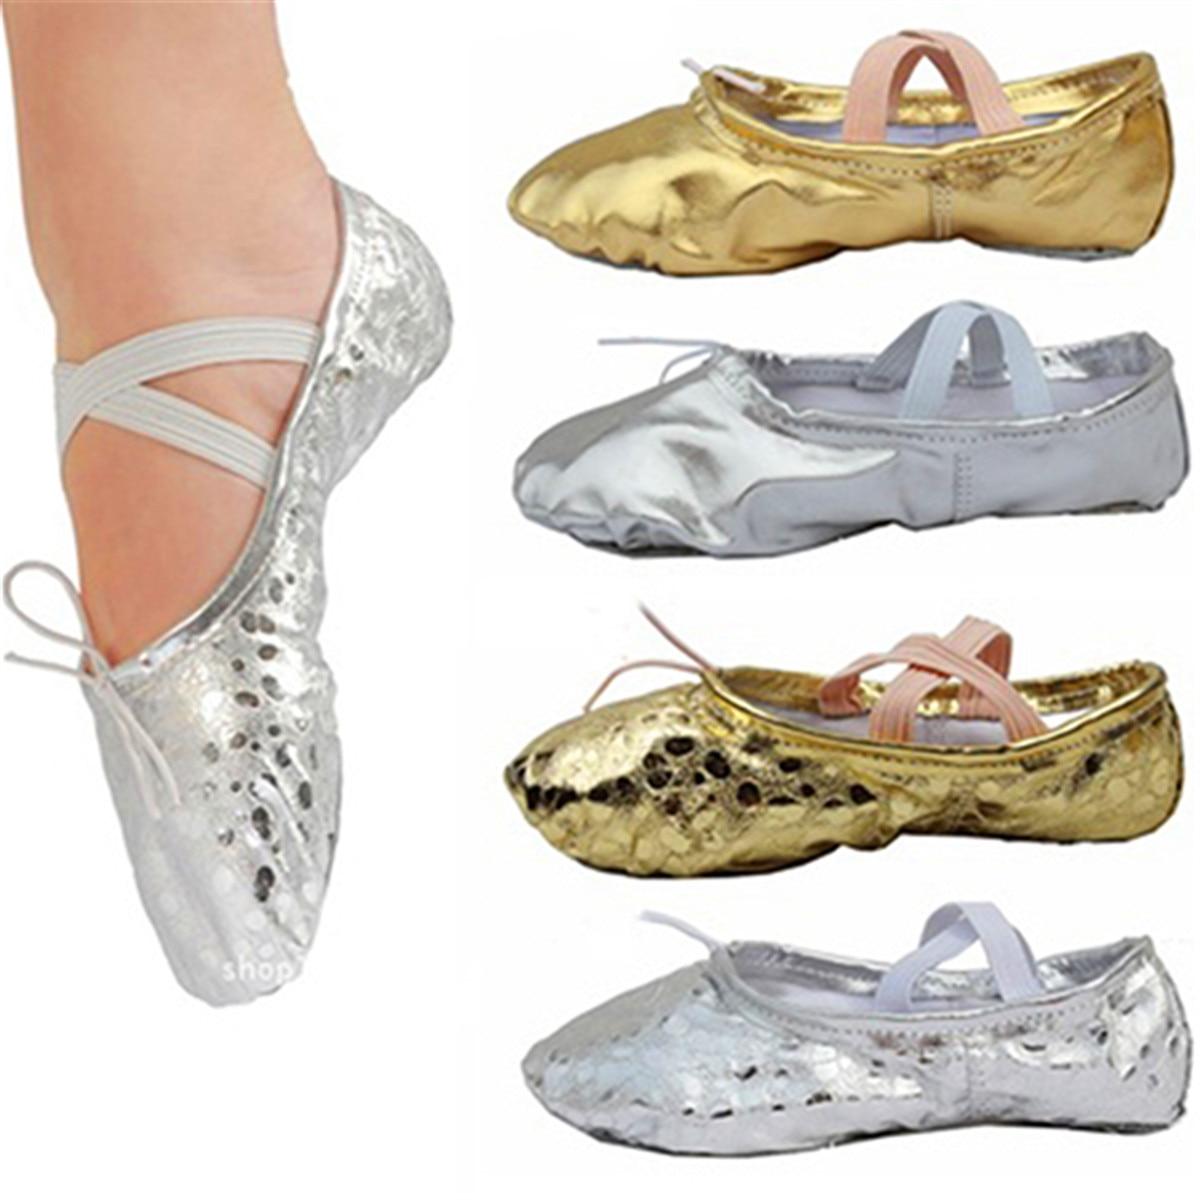 Delle Donne di modo Delle Ragazze di Età Pointe Ginnastica Paillettes Faux Scarpe di Cuoio di Balletto Molle Sveglio di Arte Palestra Accessori